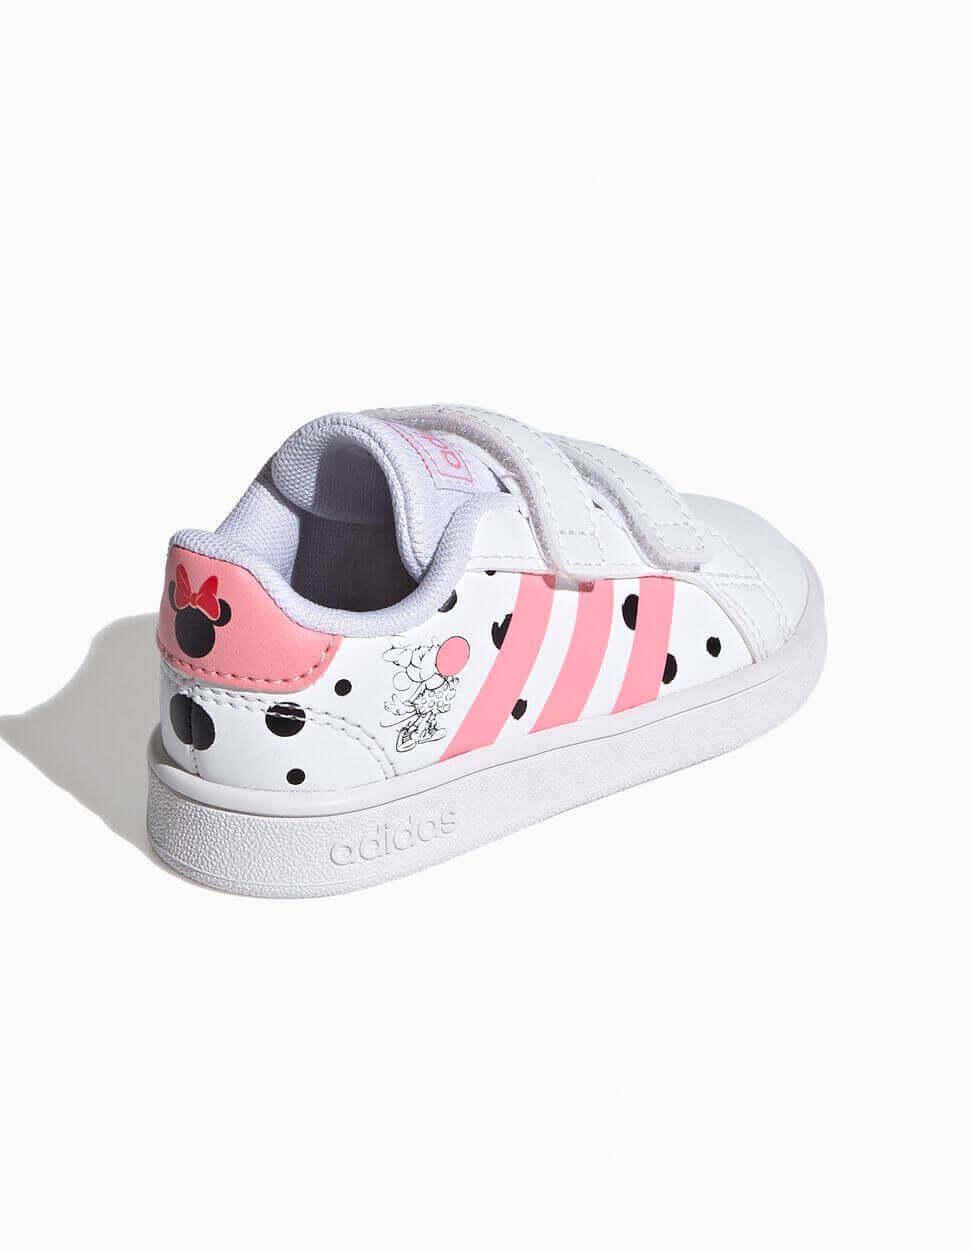 sapatilhas da adidas de criança com desenhos da Minnie